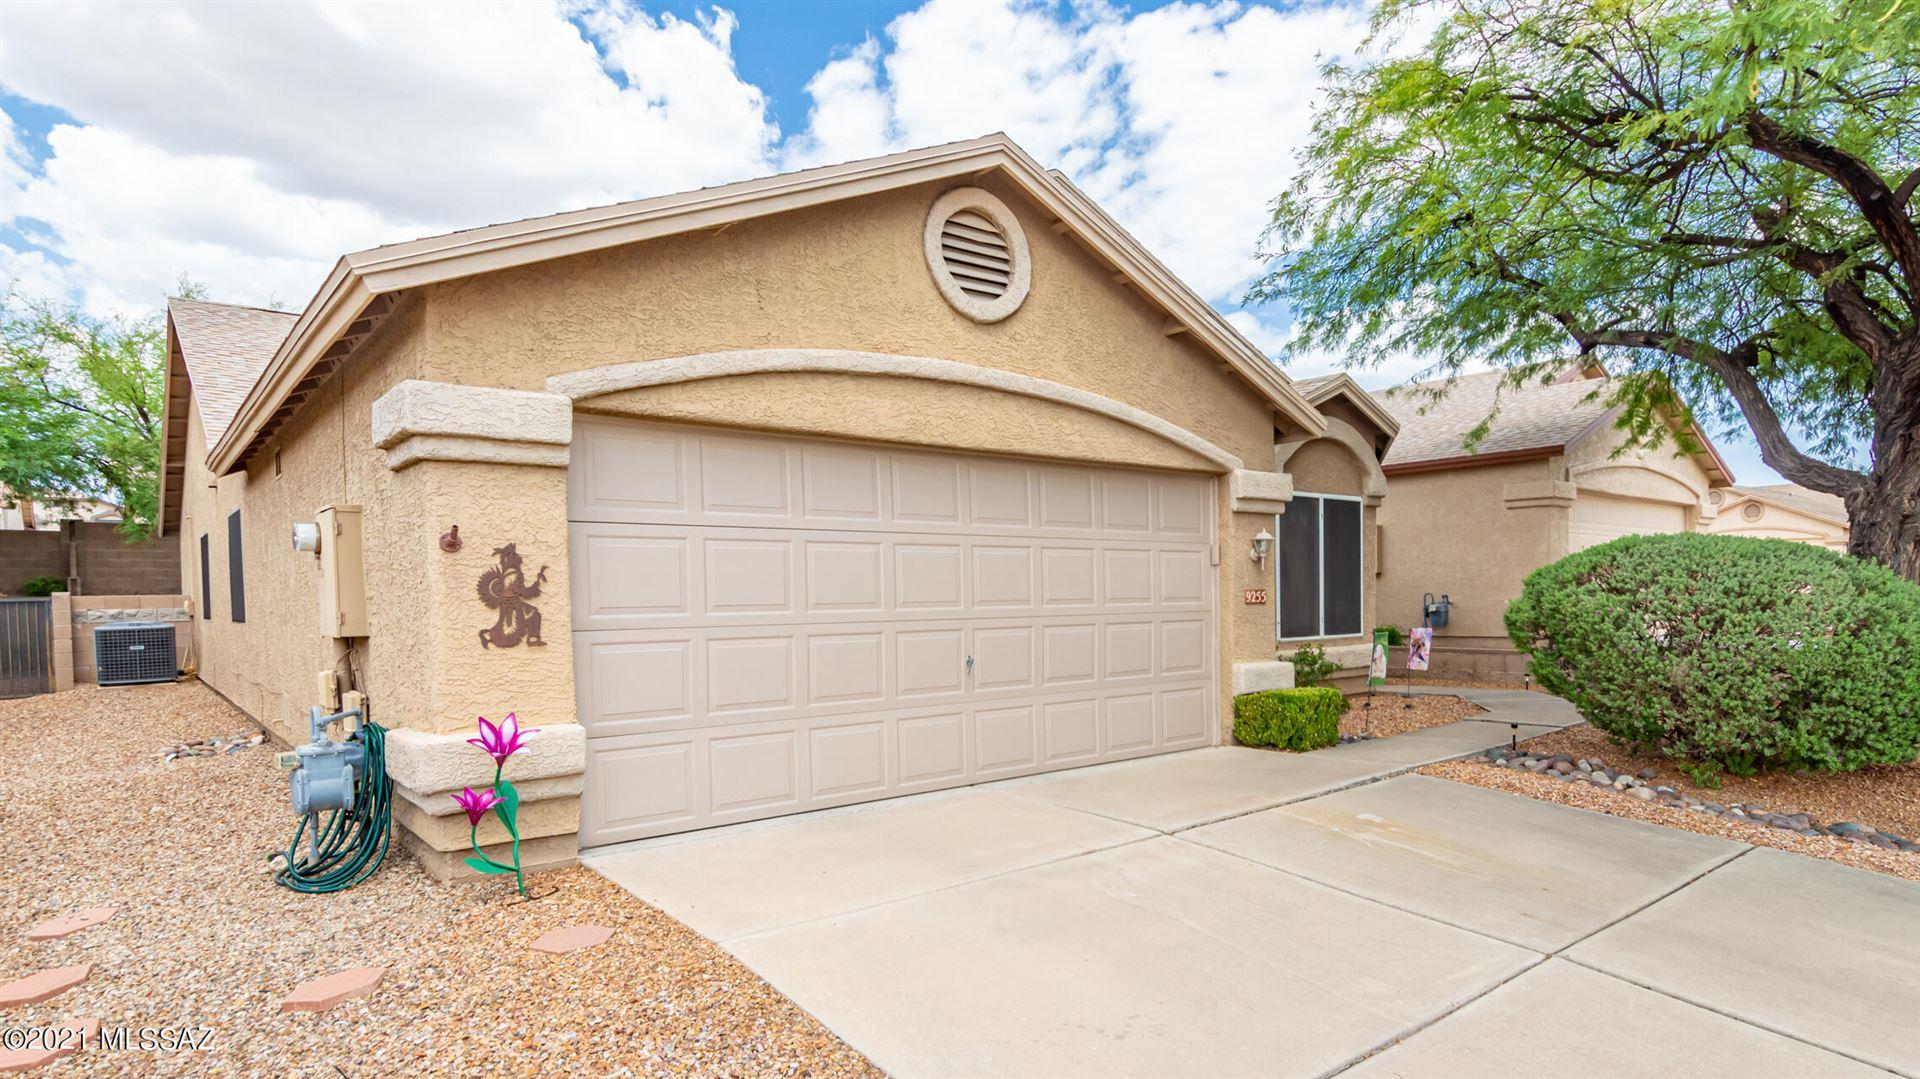 9255 E Ironbark Street, Tucson, AZ 85747 - MLS#: 22118918